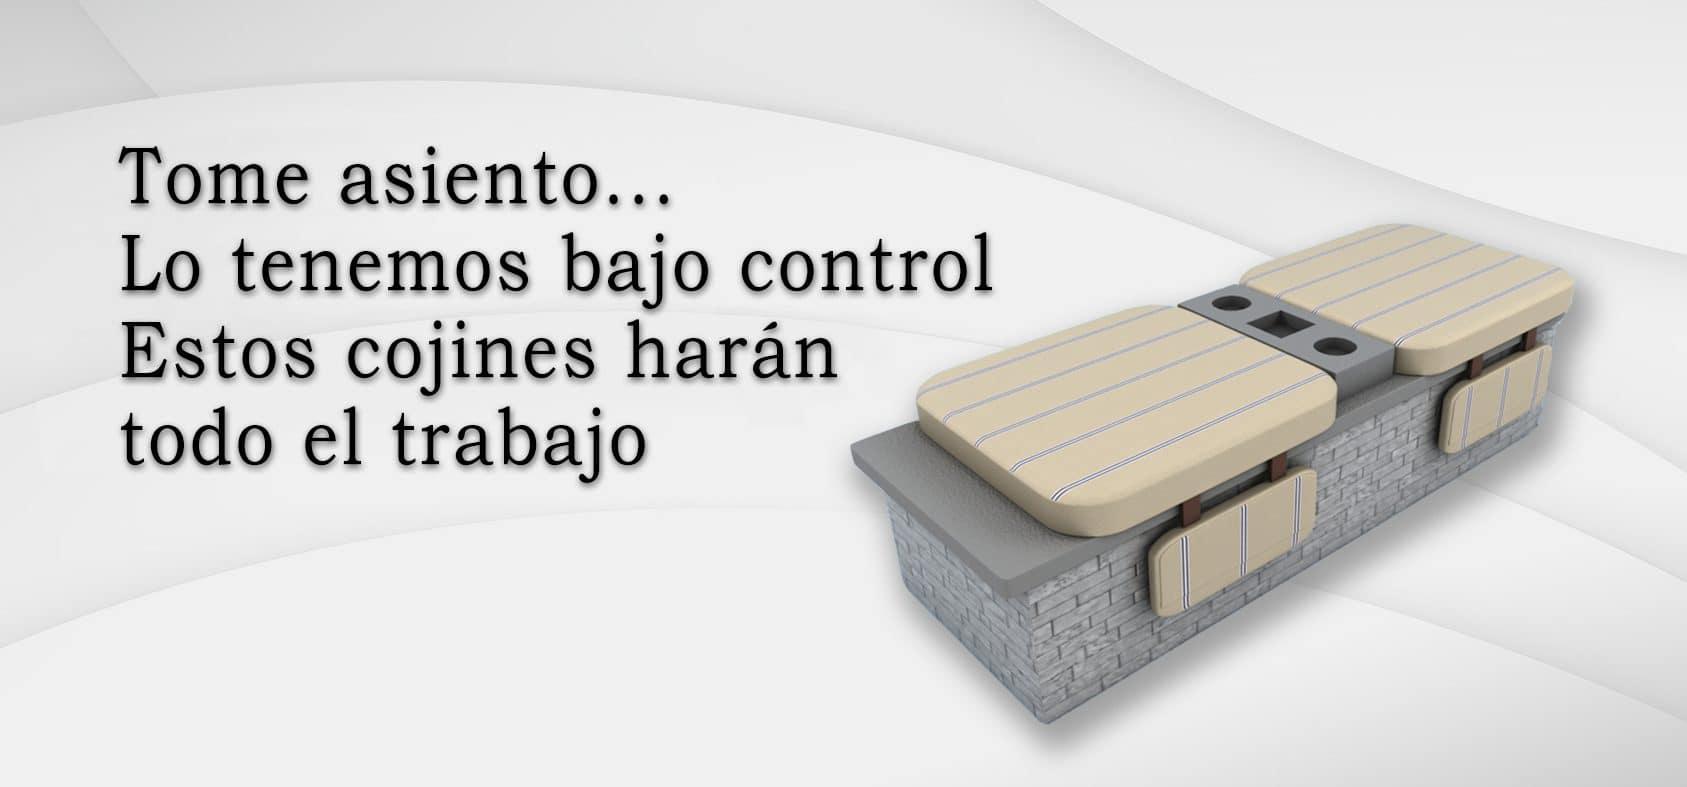 Cojines para asientos de concreto ... ¡Una maravillosa idea!